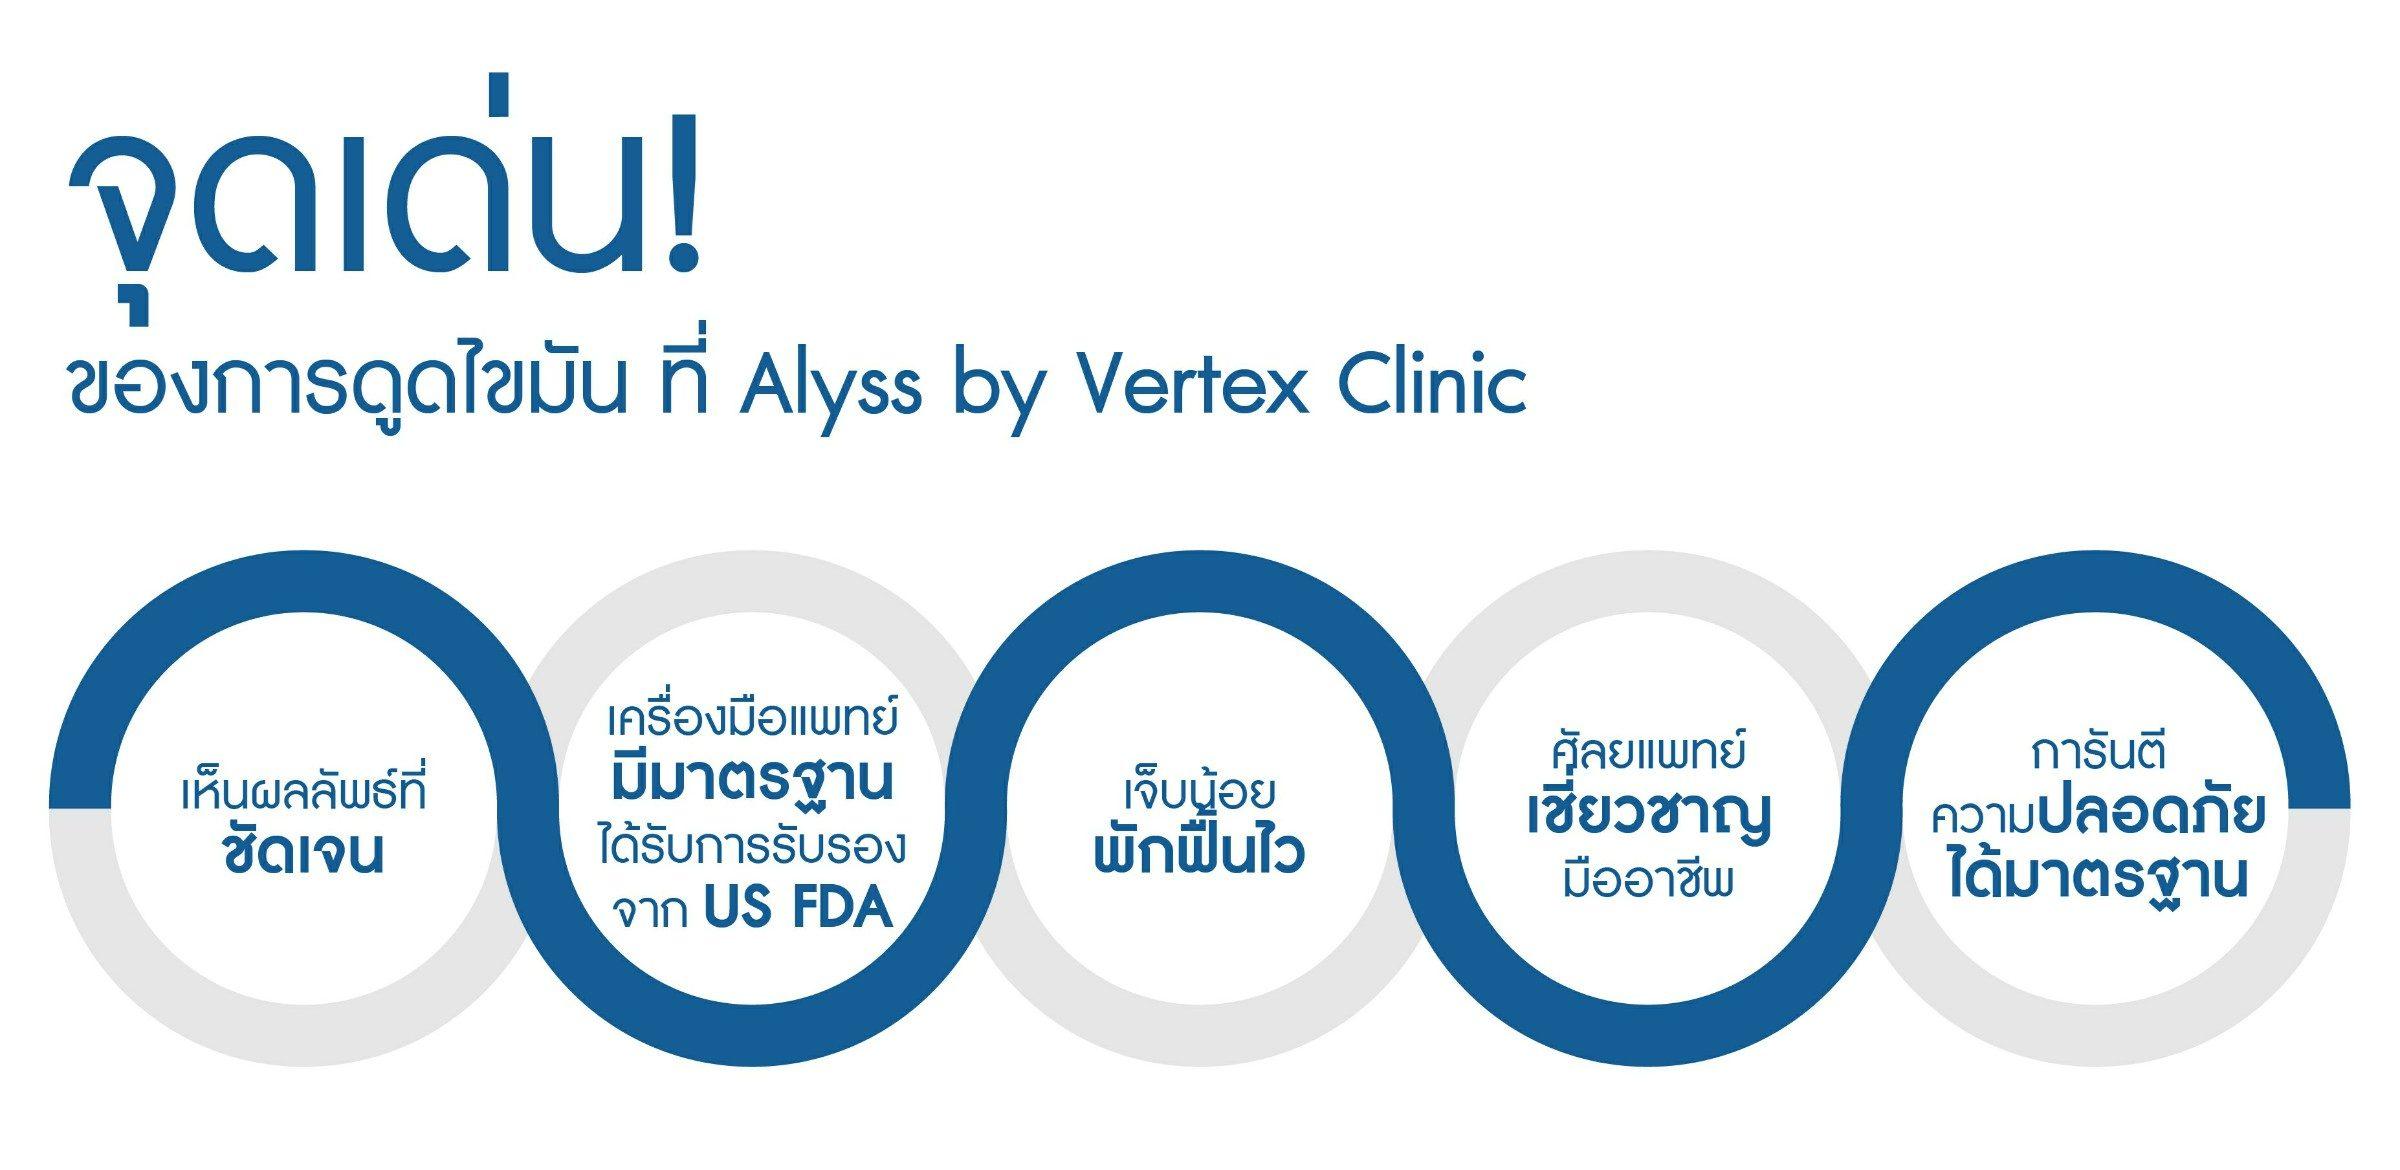 จุดเด่นของการดูดไขมัน ที่ Alyss by Vertex มีด้วยกันมากมาย